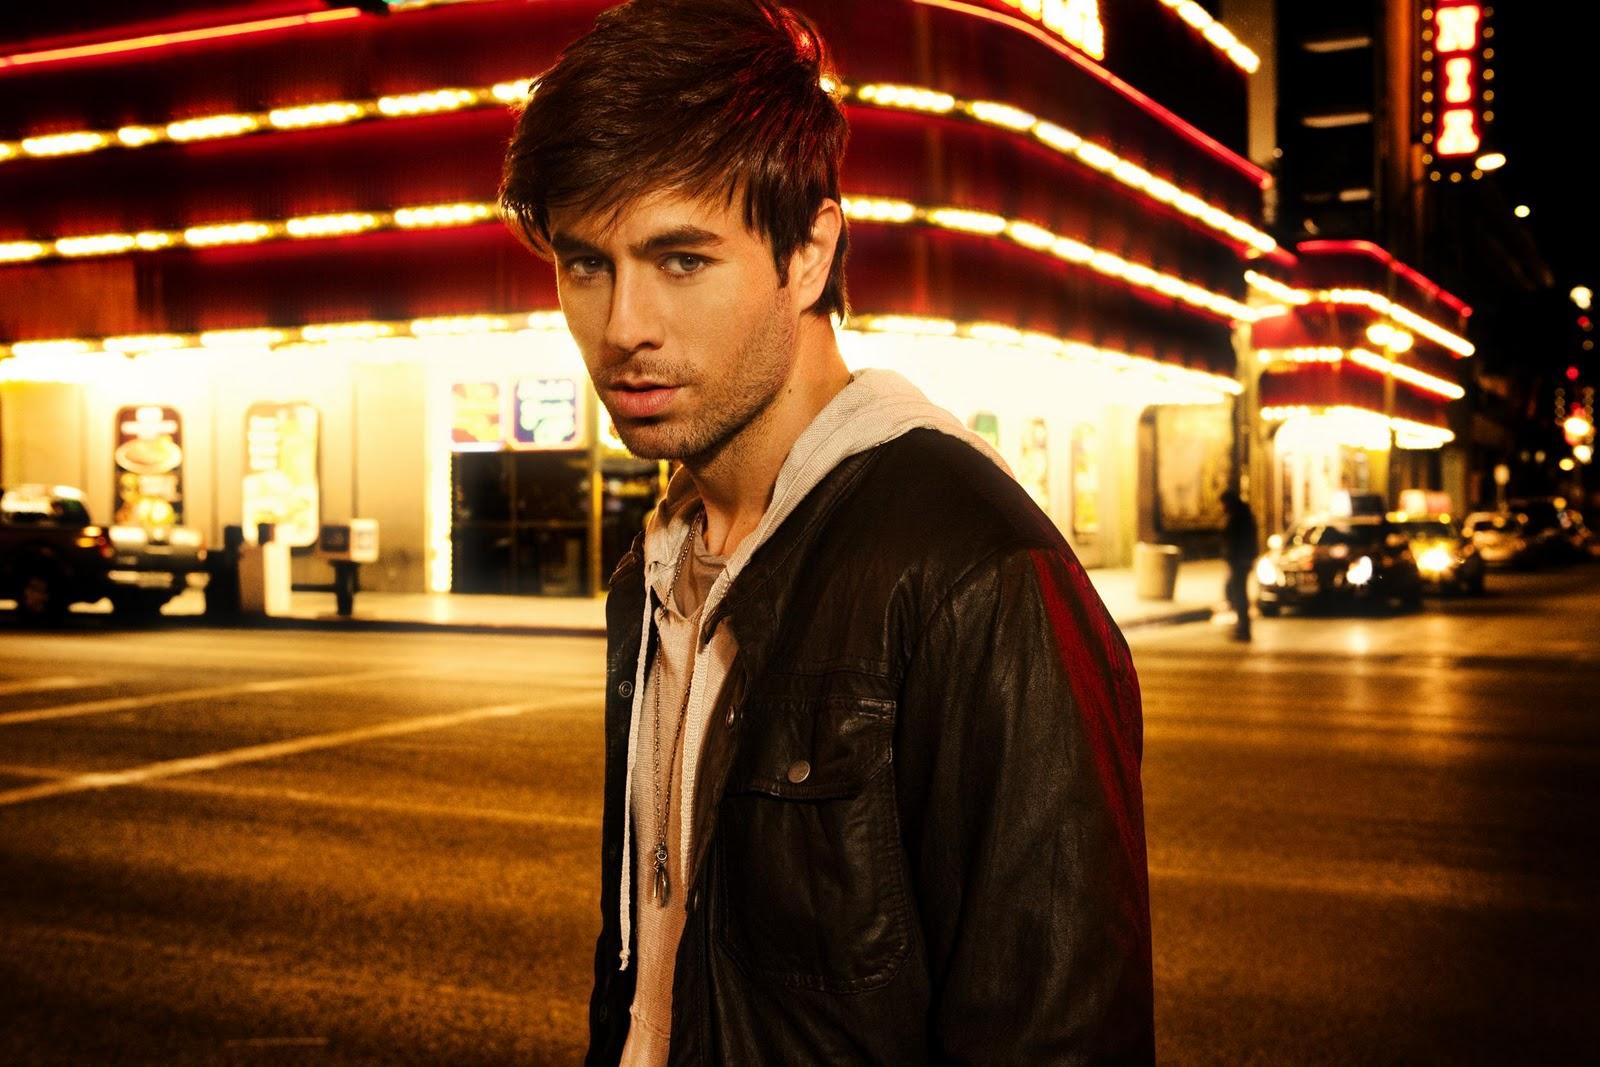 http://2.bp.blogspot.com/_lIyFl0bgYNU/TVLS4VbbK5I/AAAAAAAAAiU/yU_RIjOGpYw/s1600/Enrique+1.jpg